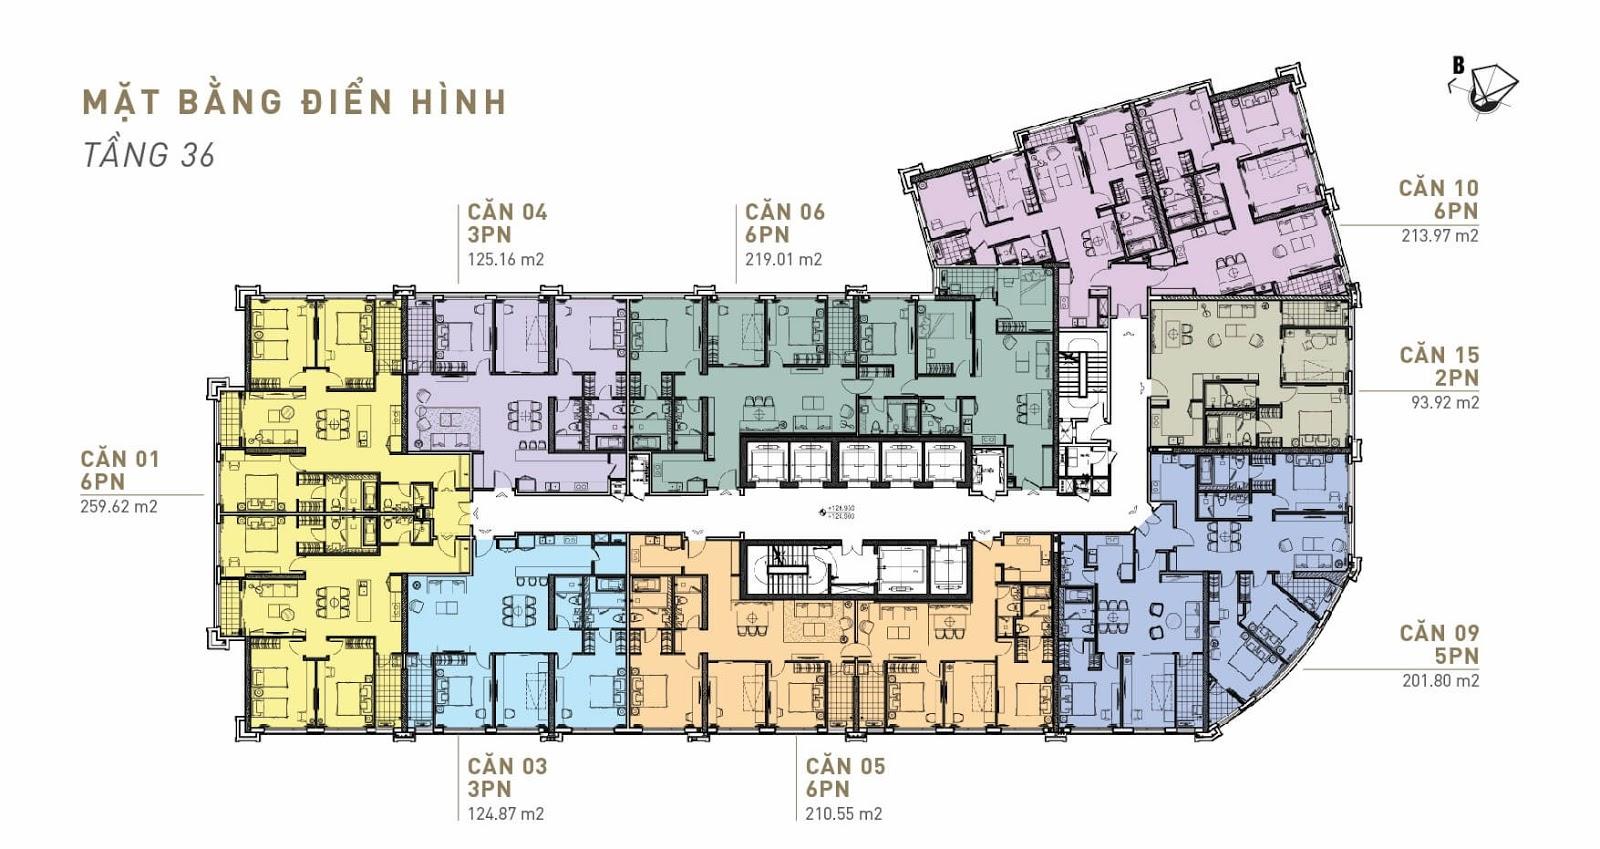 Mặt bằng điển hình Penthouse King Palace - Tầng 36